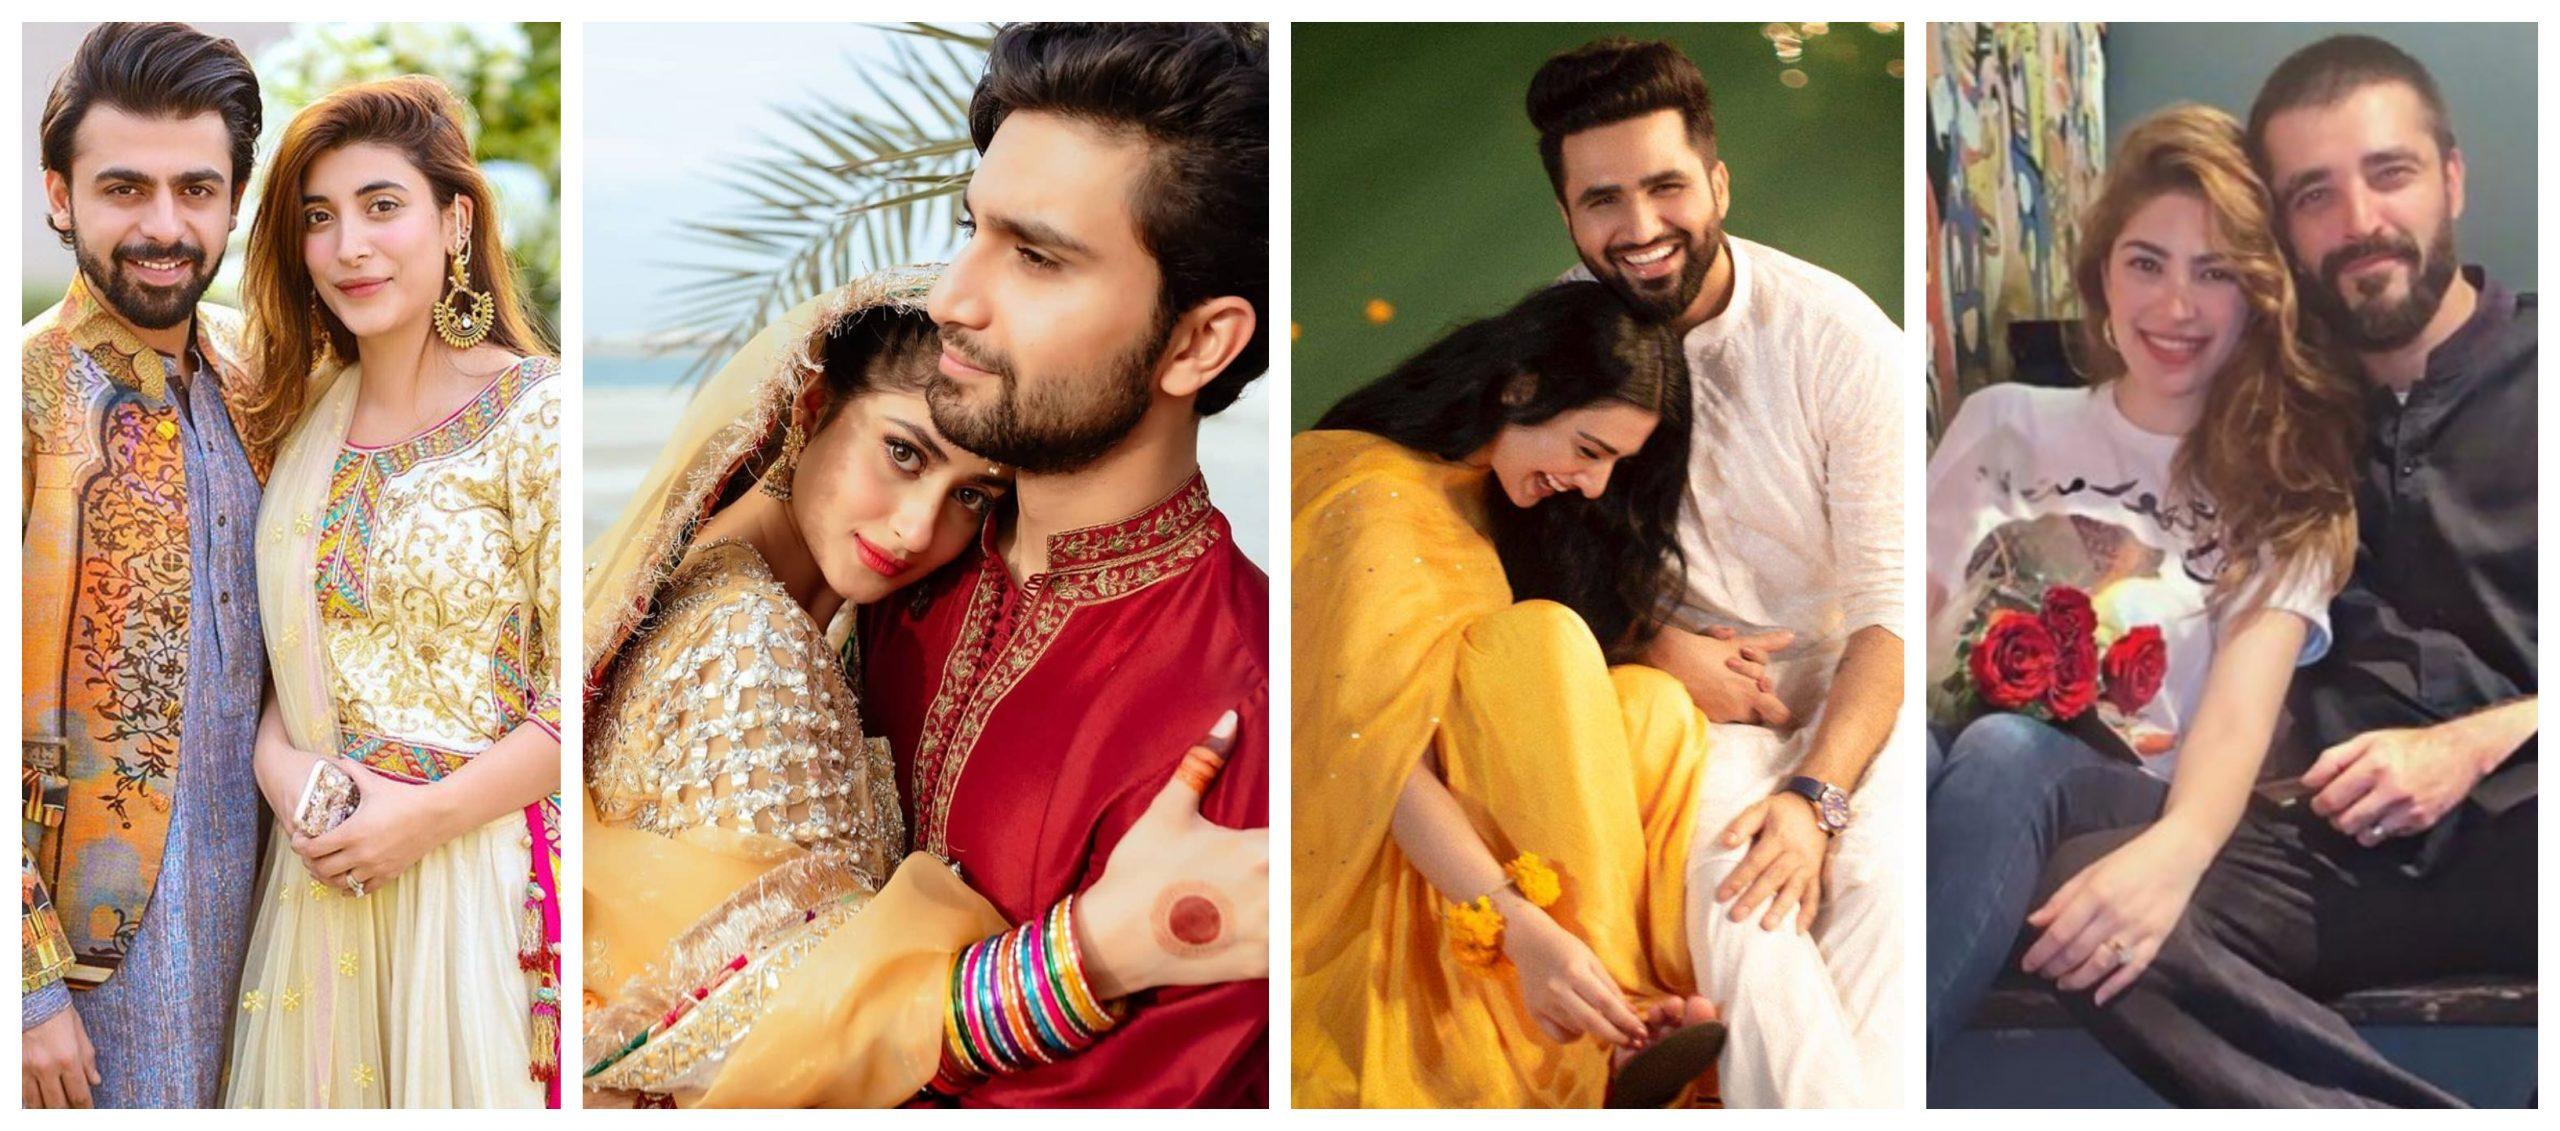 Top 10 Best Couples in Pakistan TV Showbiz Industry